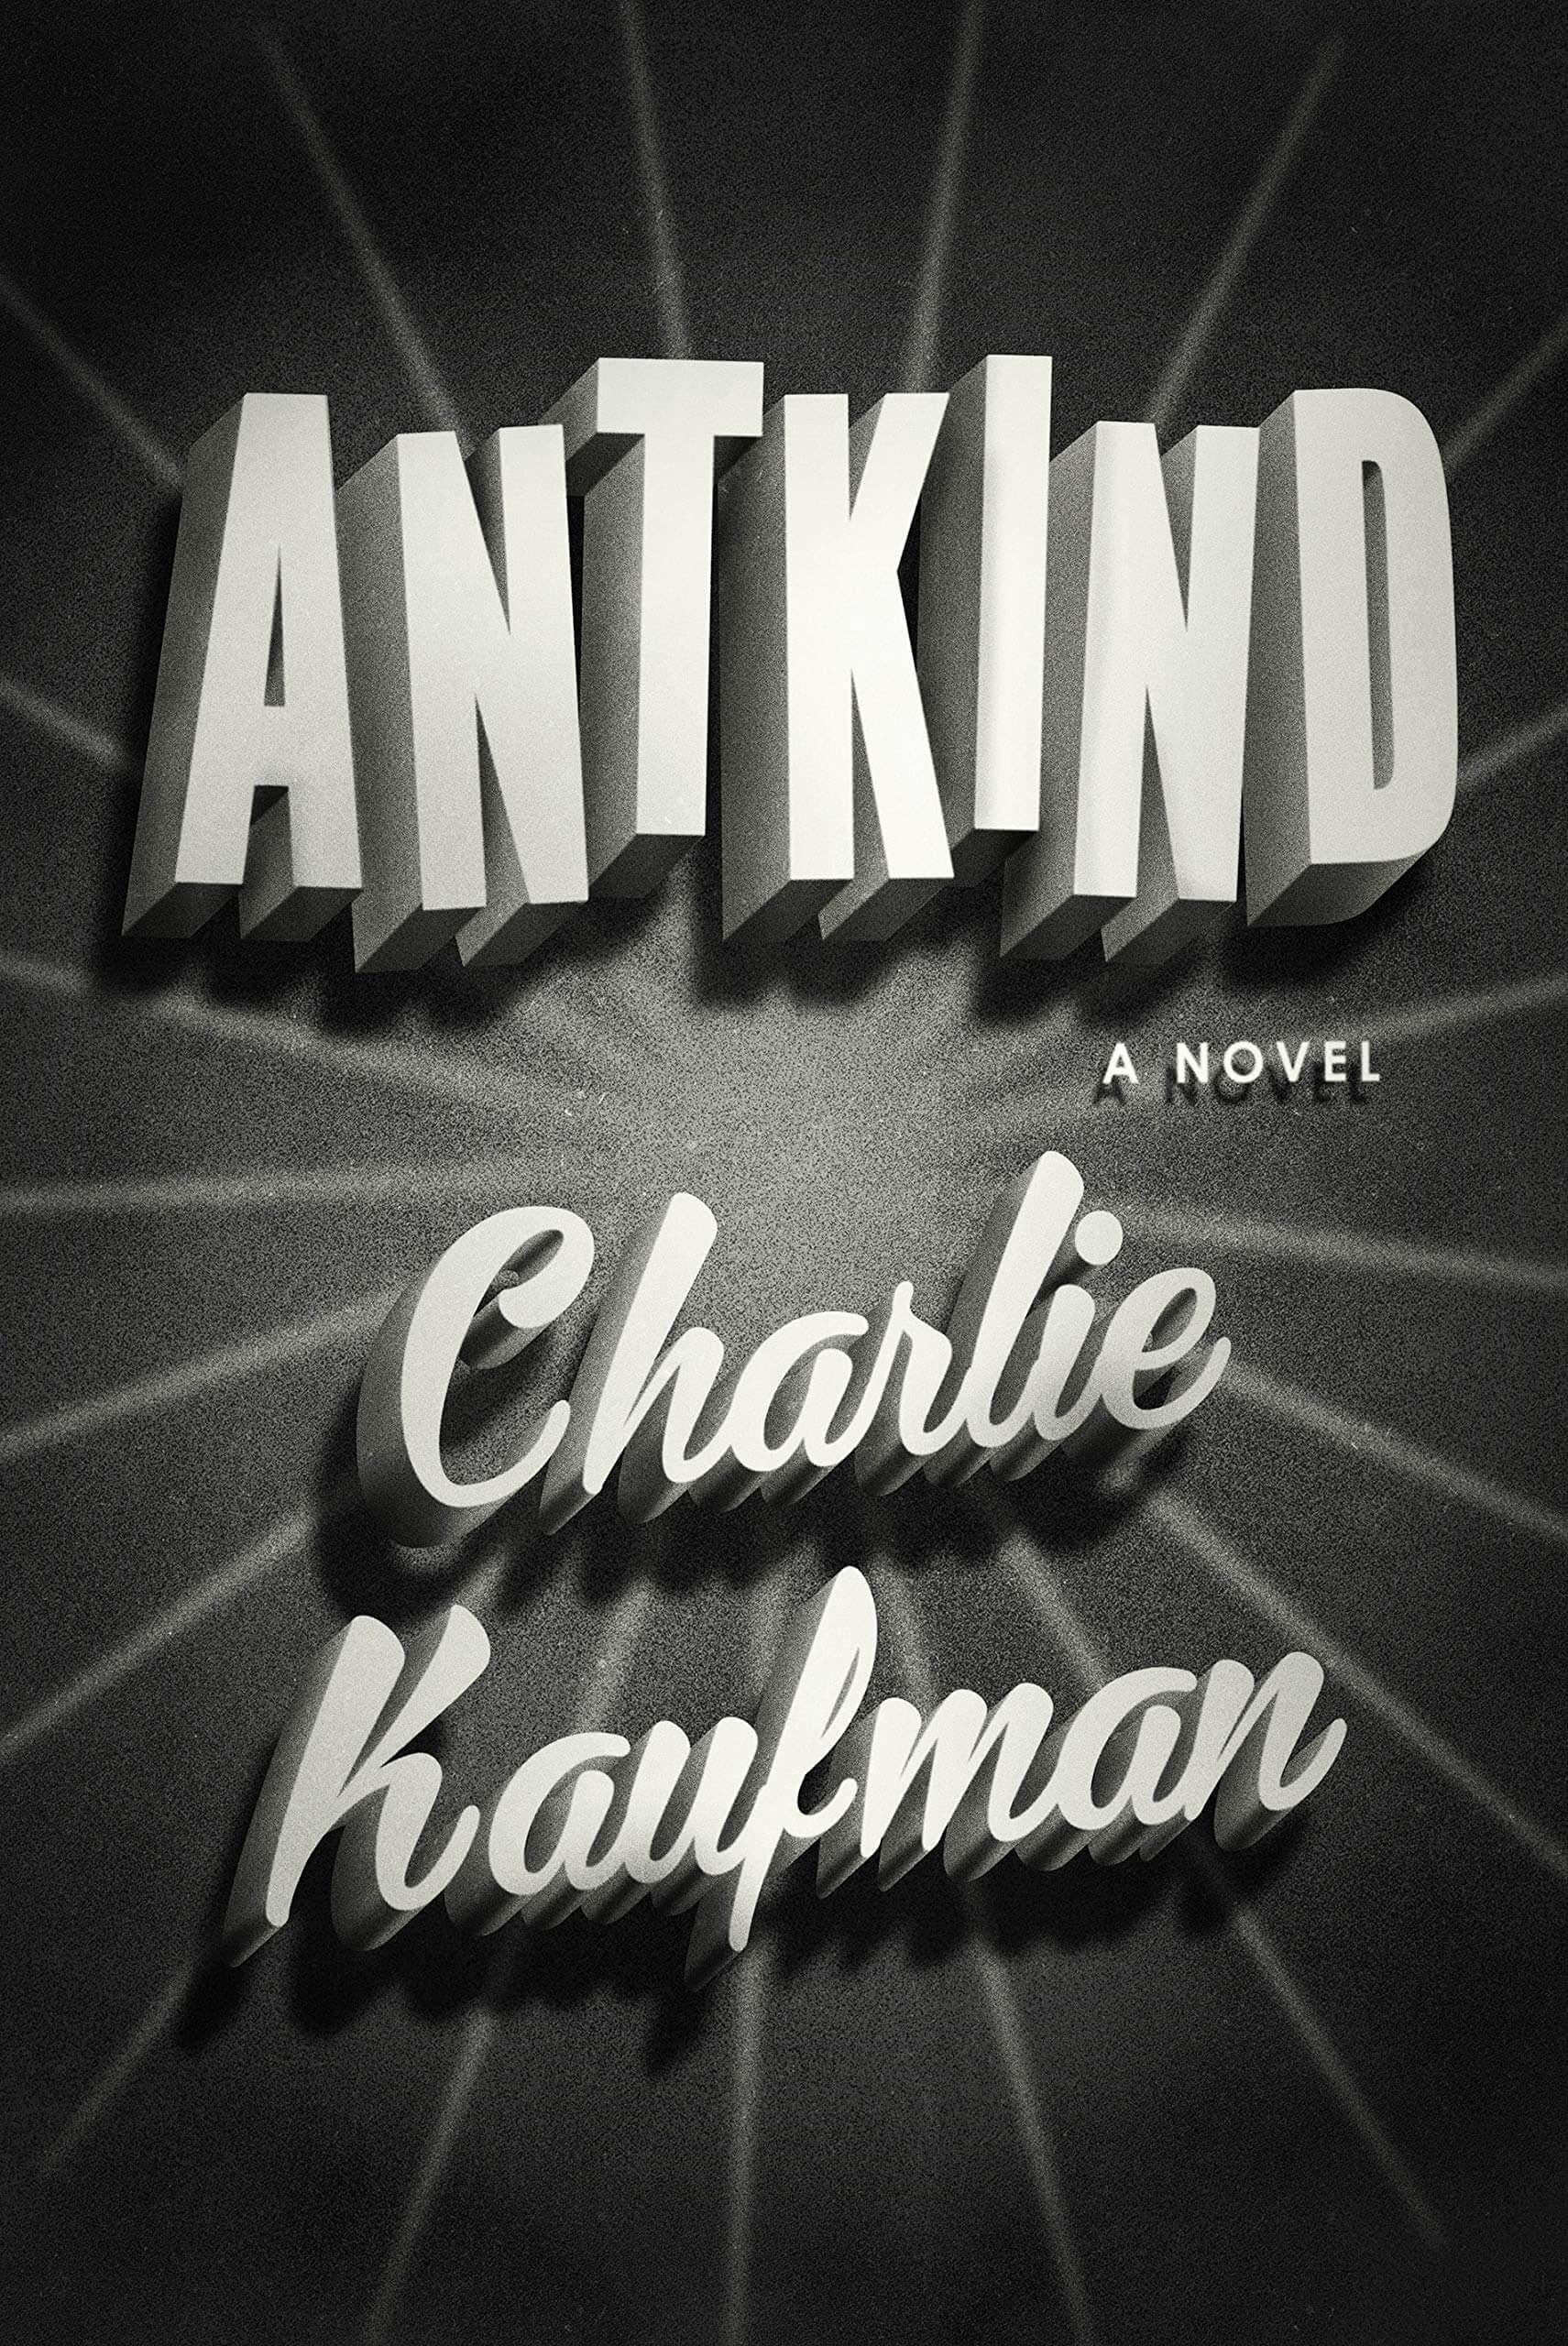 antkind book cover